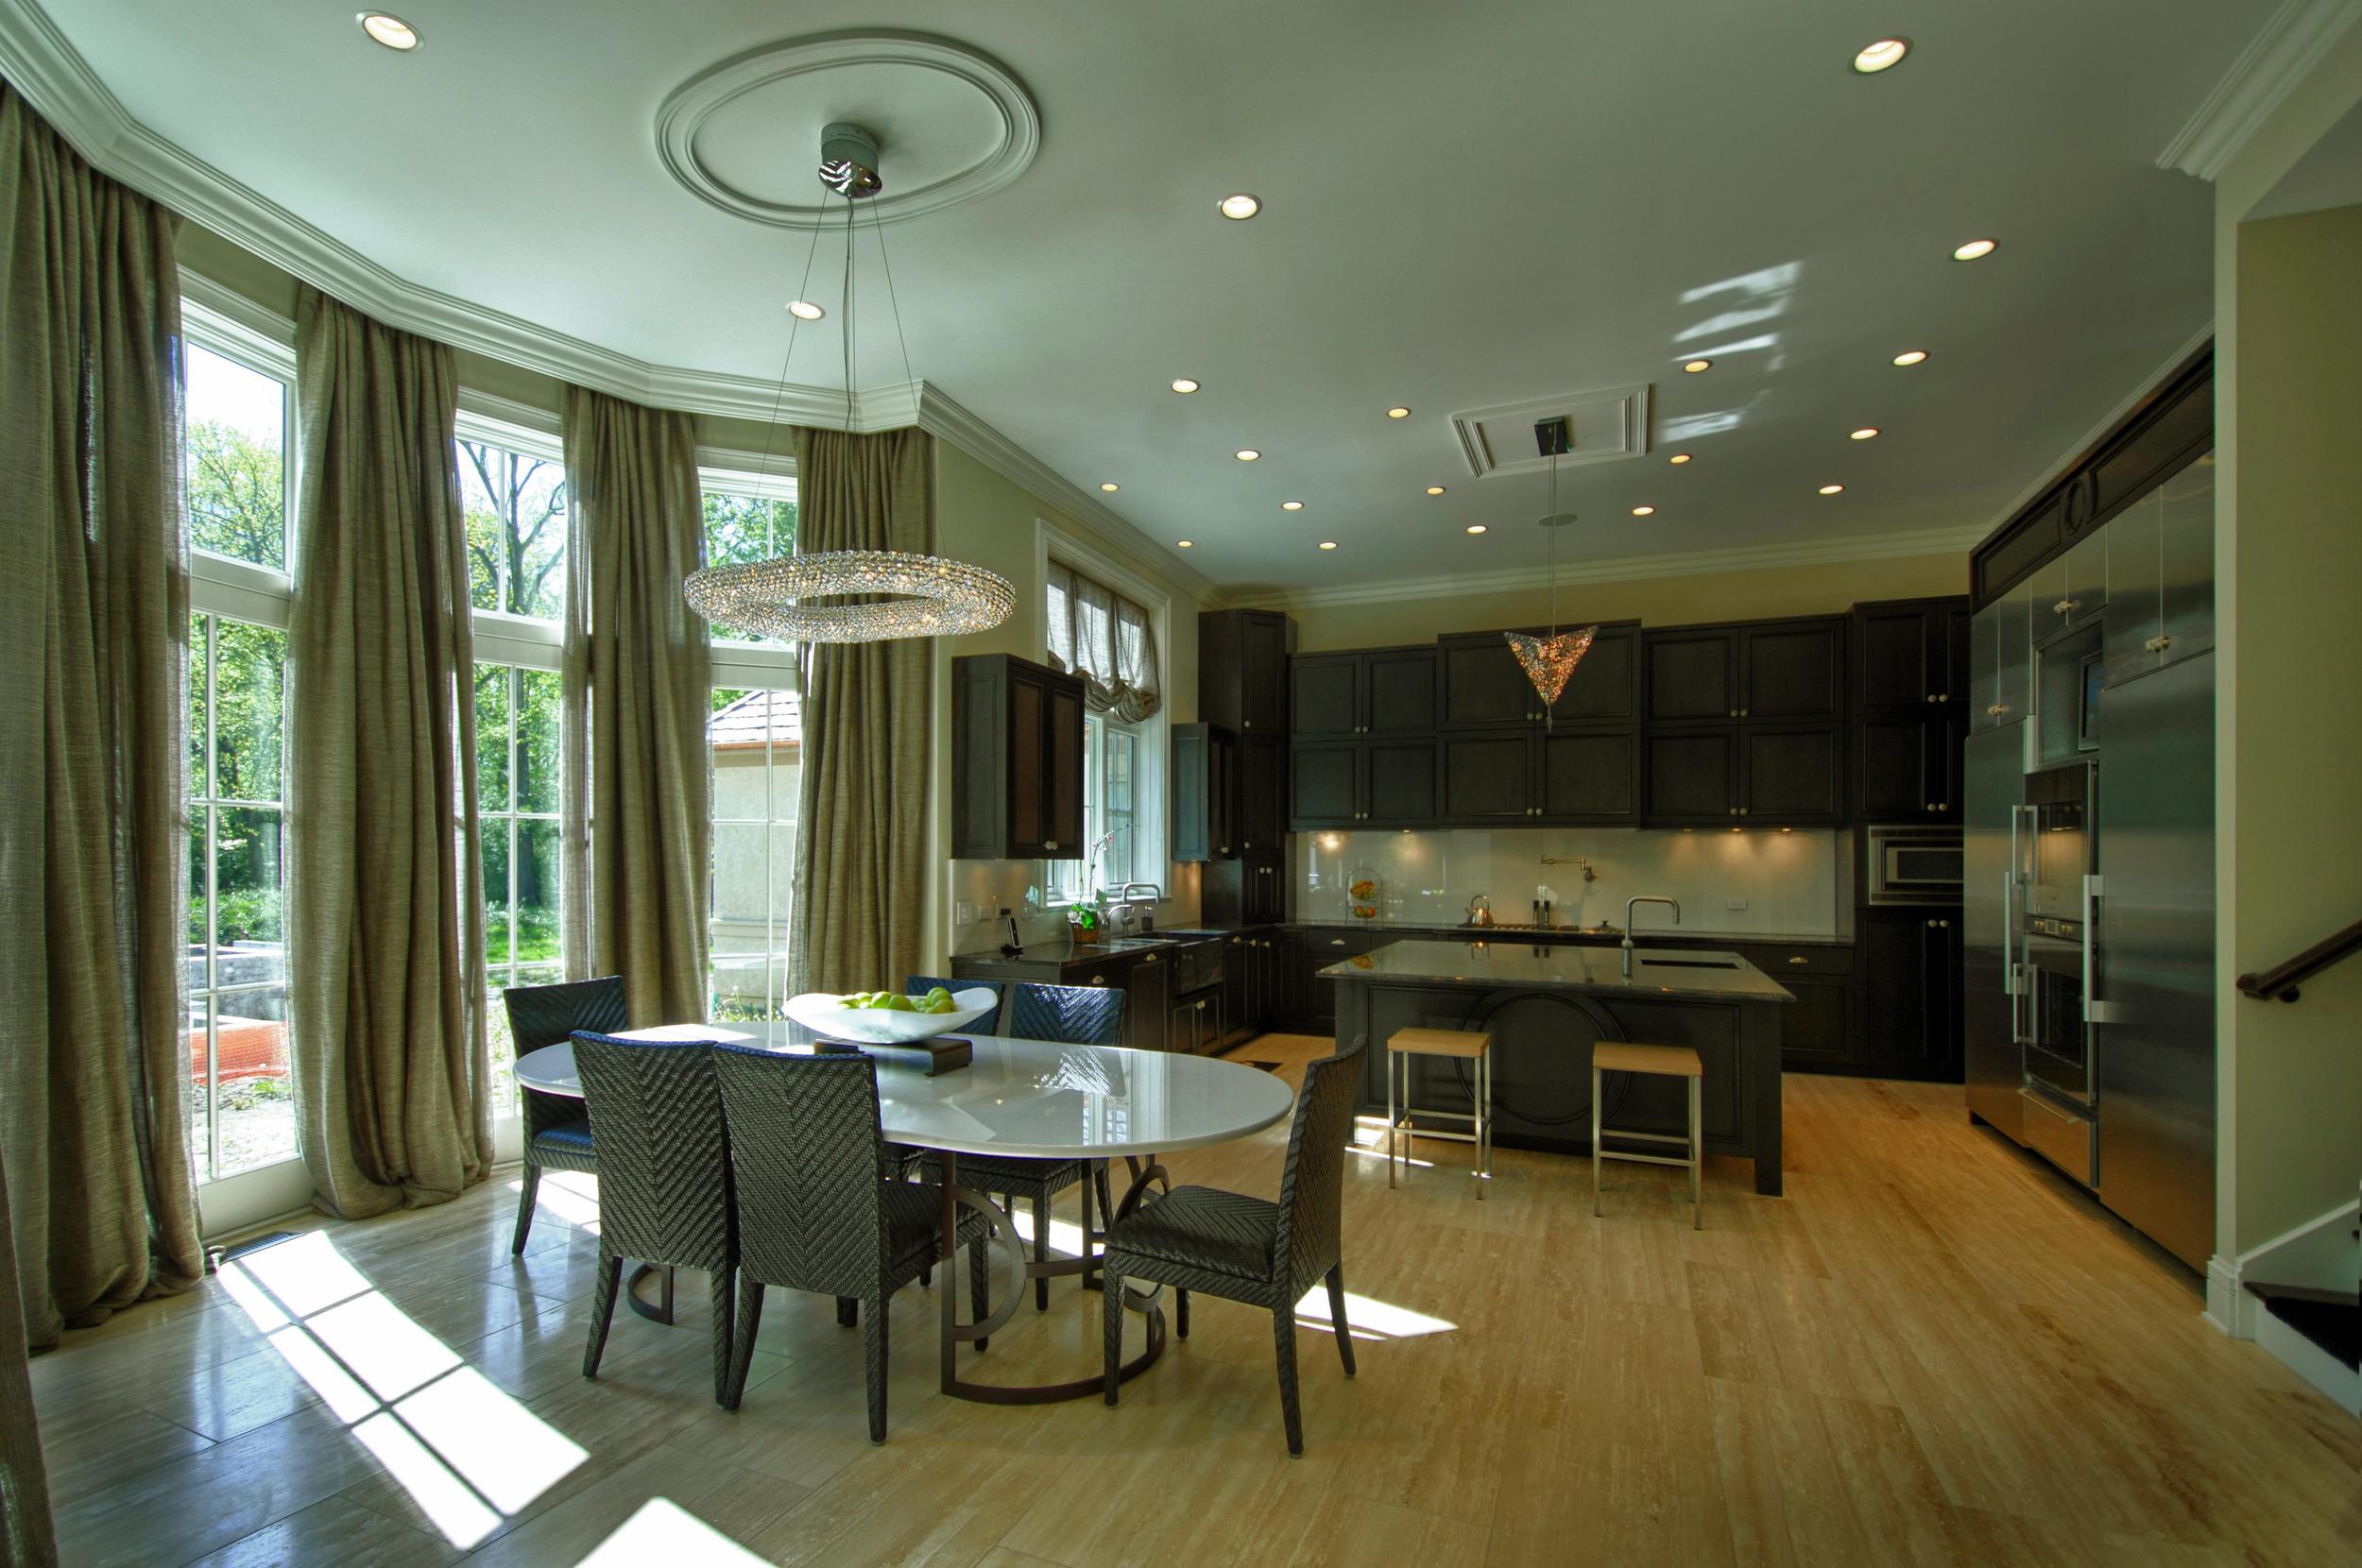 Arkin Kitchen wide view.jpg